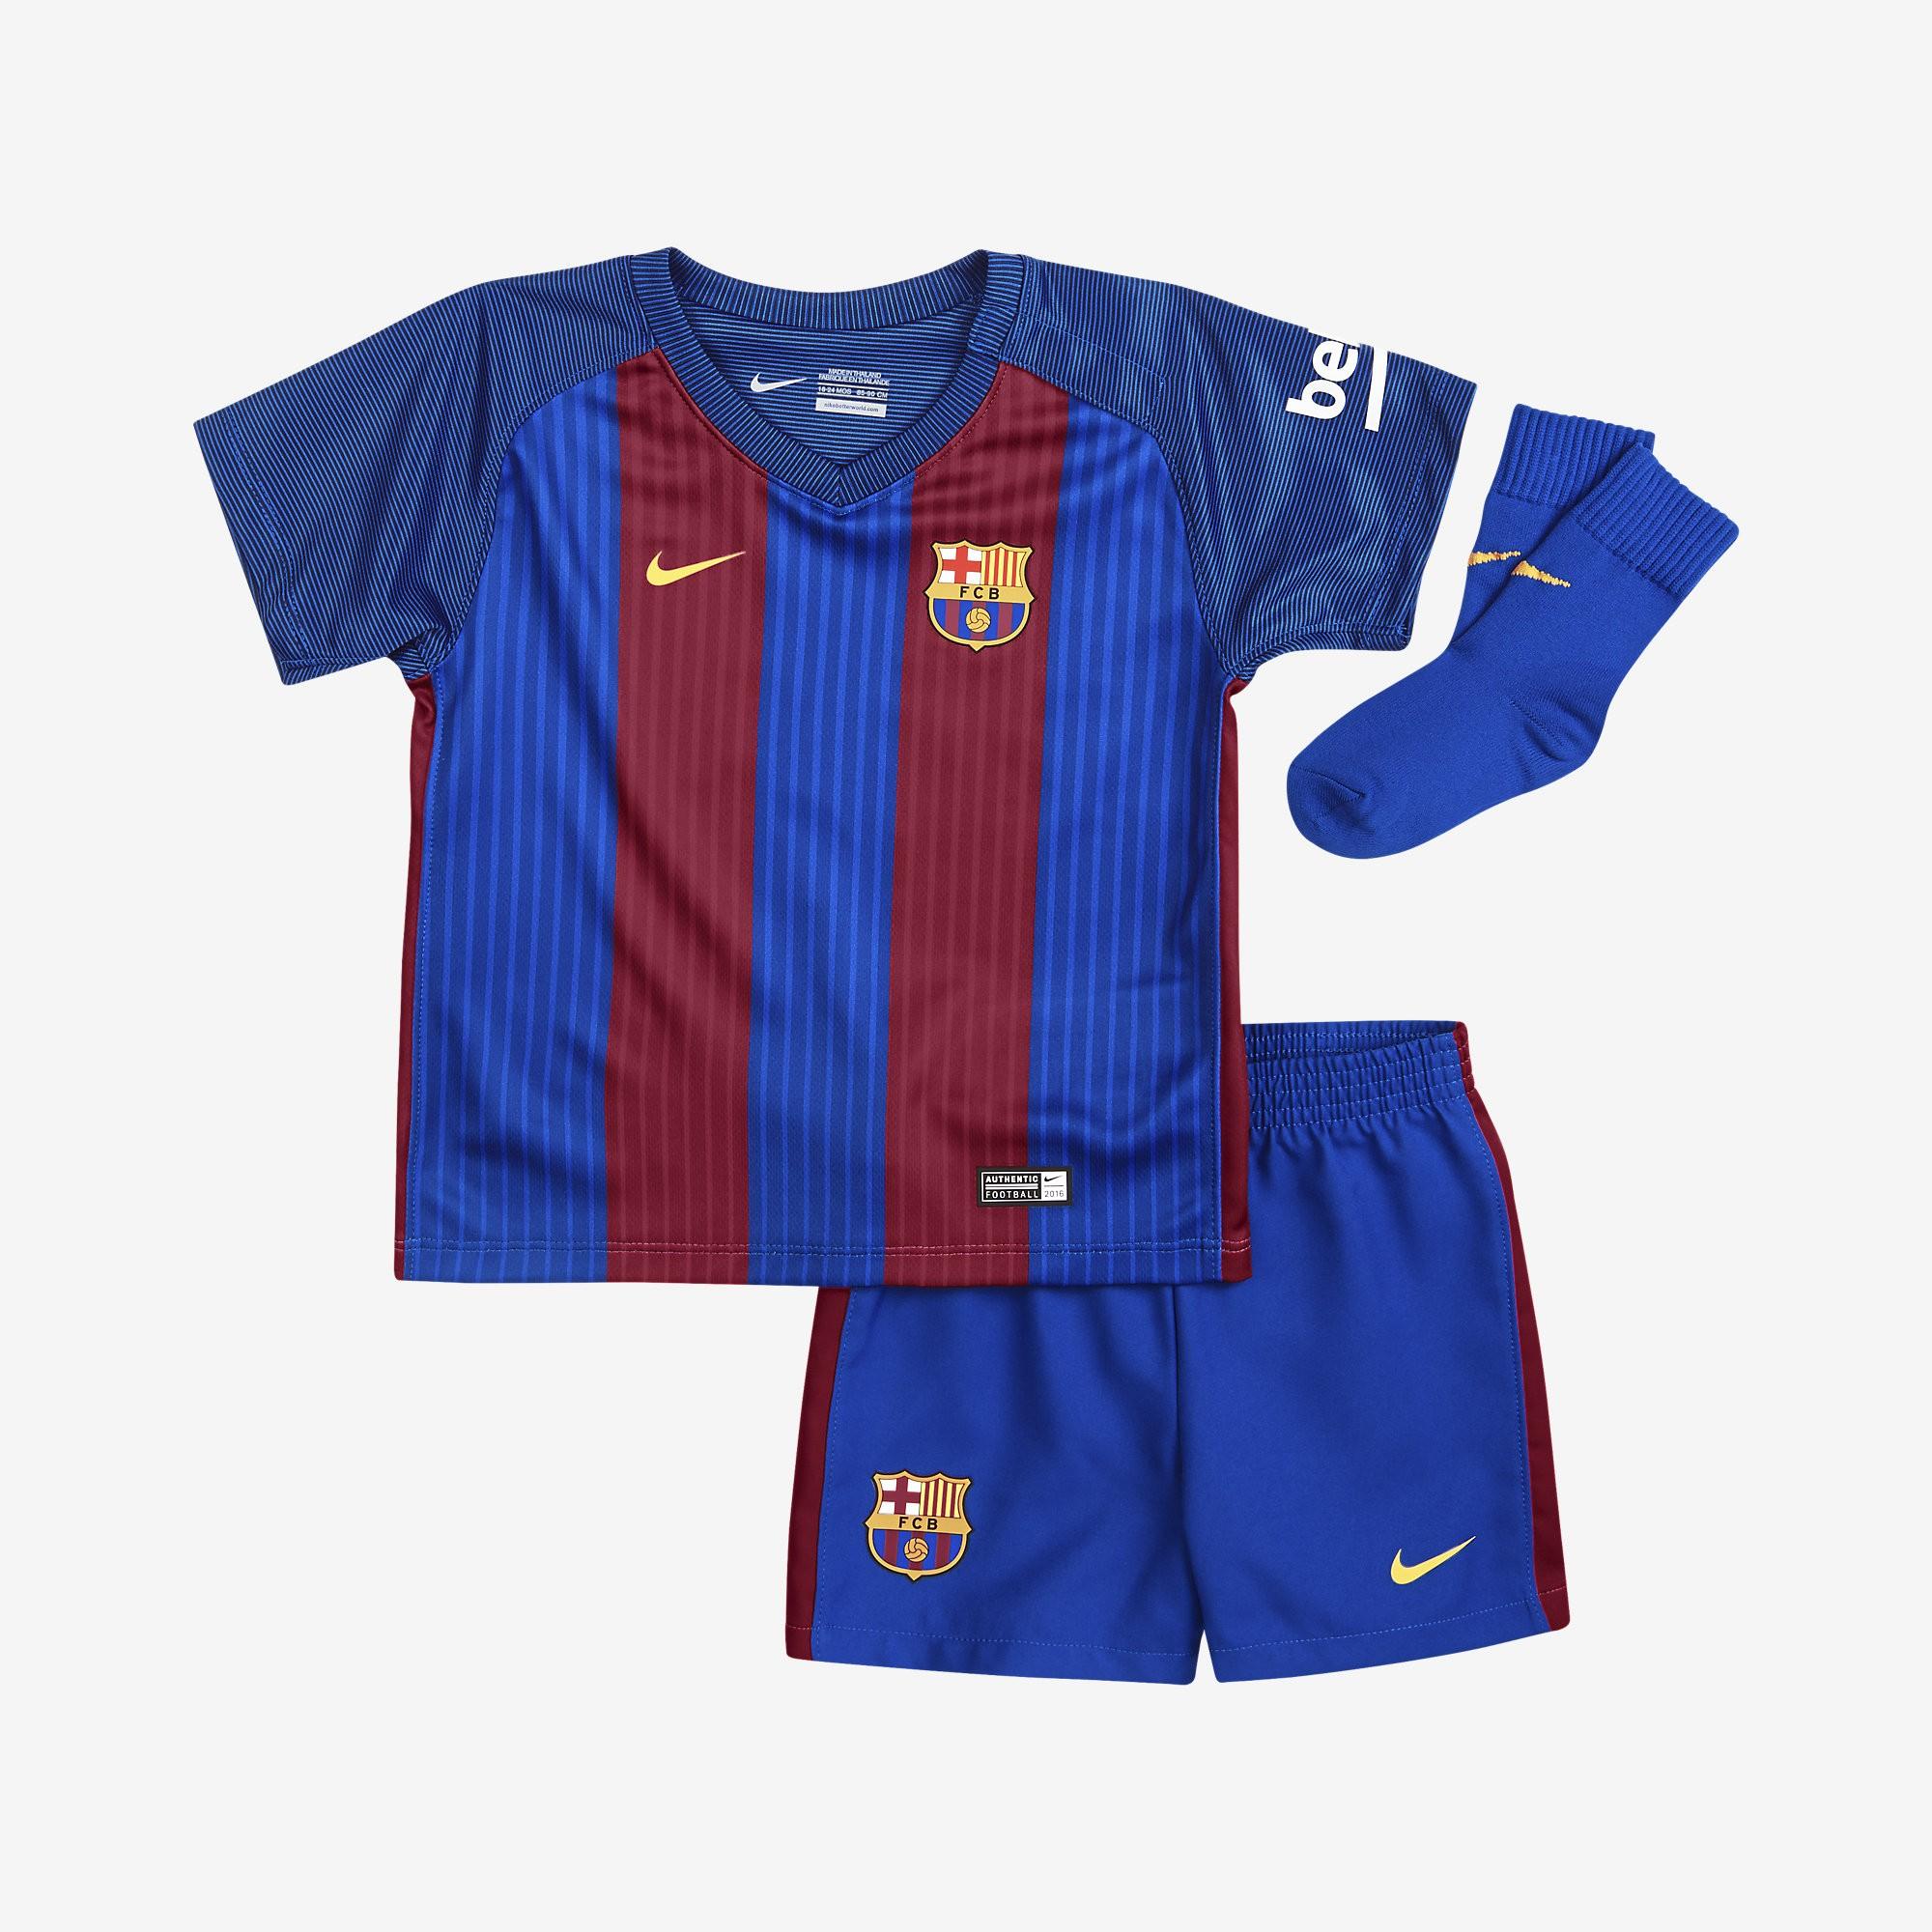 Equipación Bebé Nike Barcelona 16-17 Local 776718 481 - Deportes Manzanedo 63297d06488